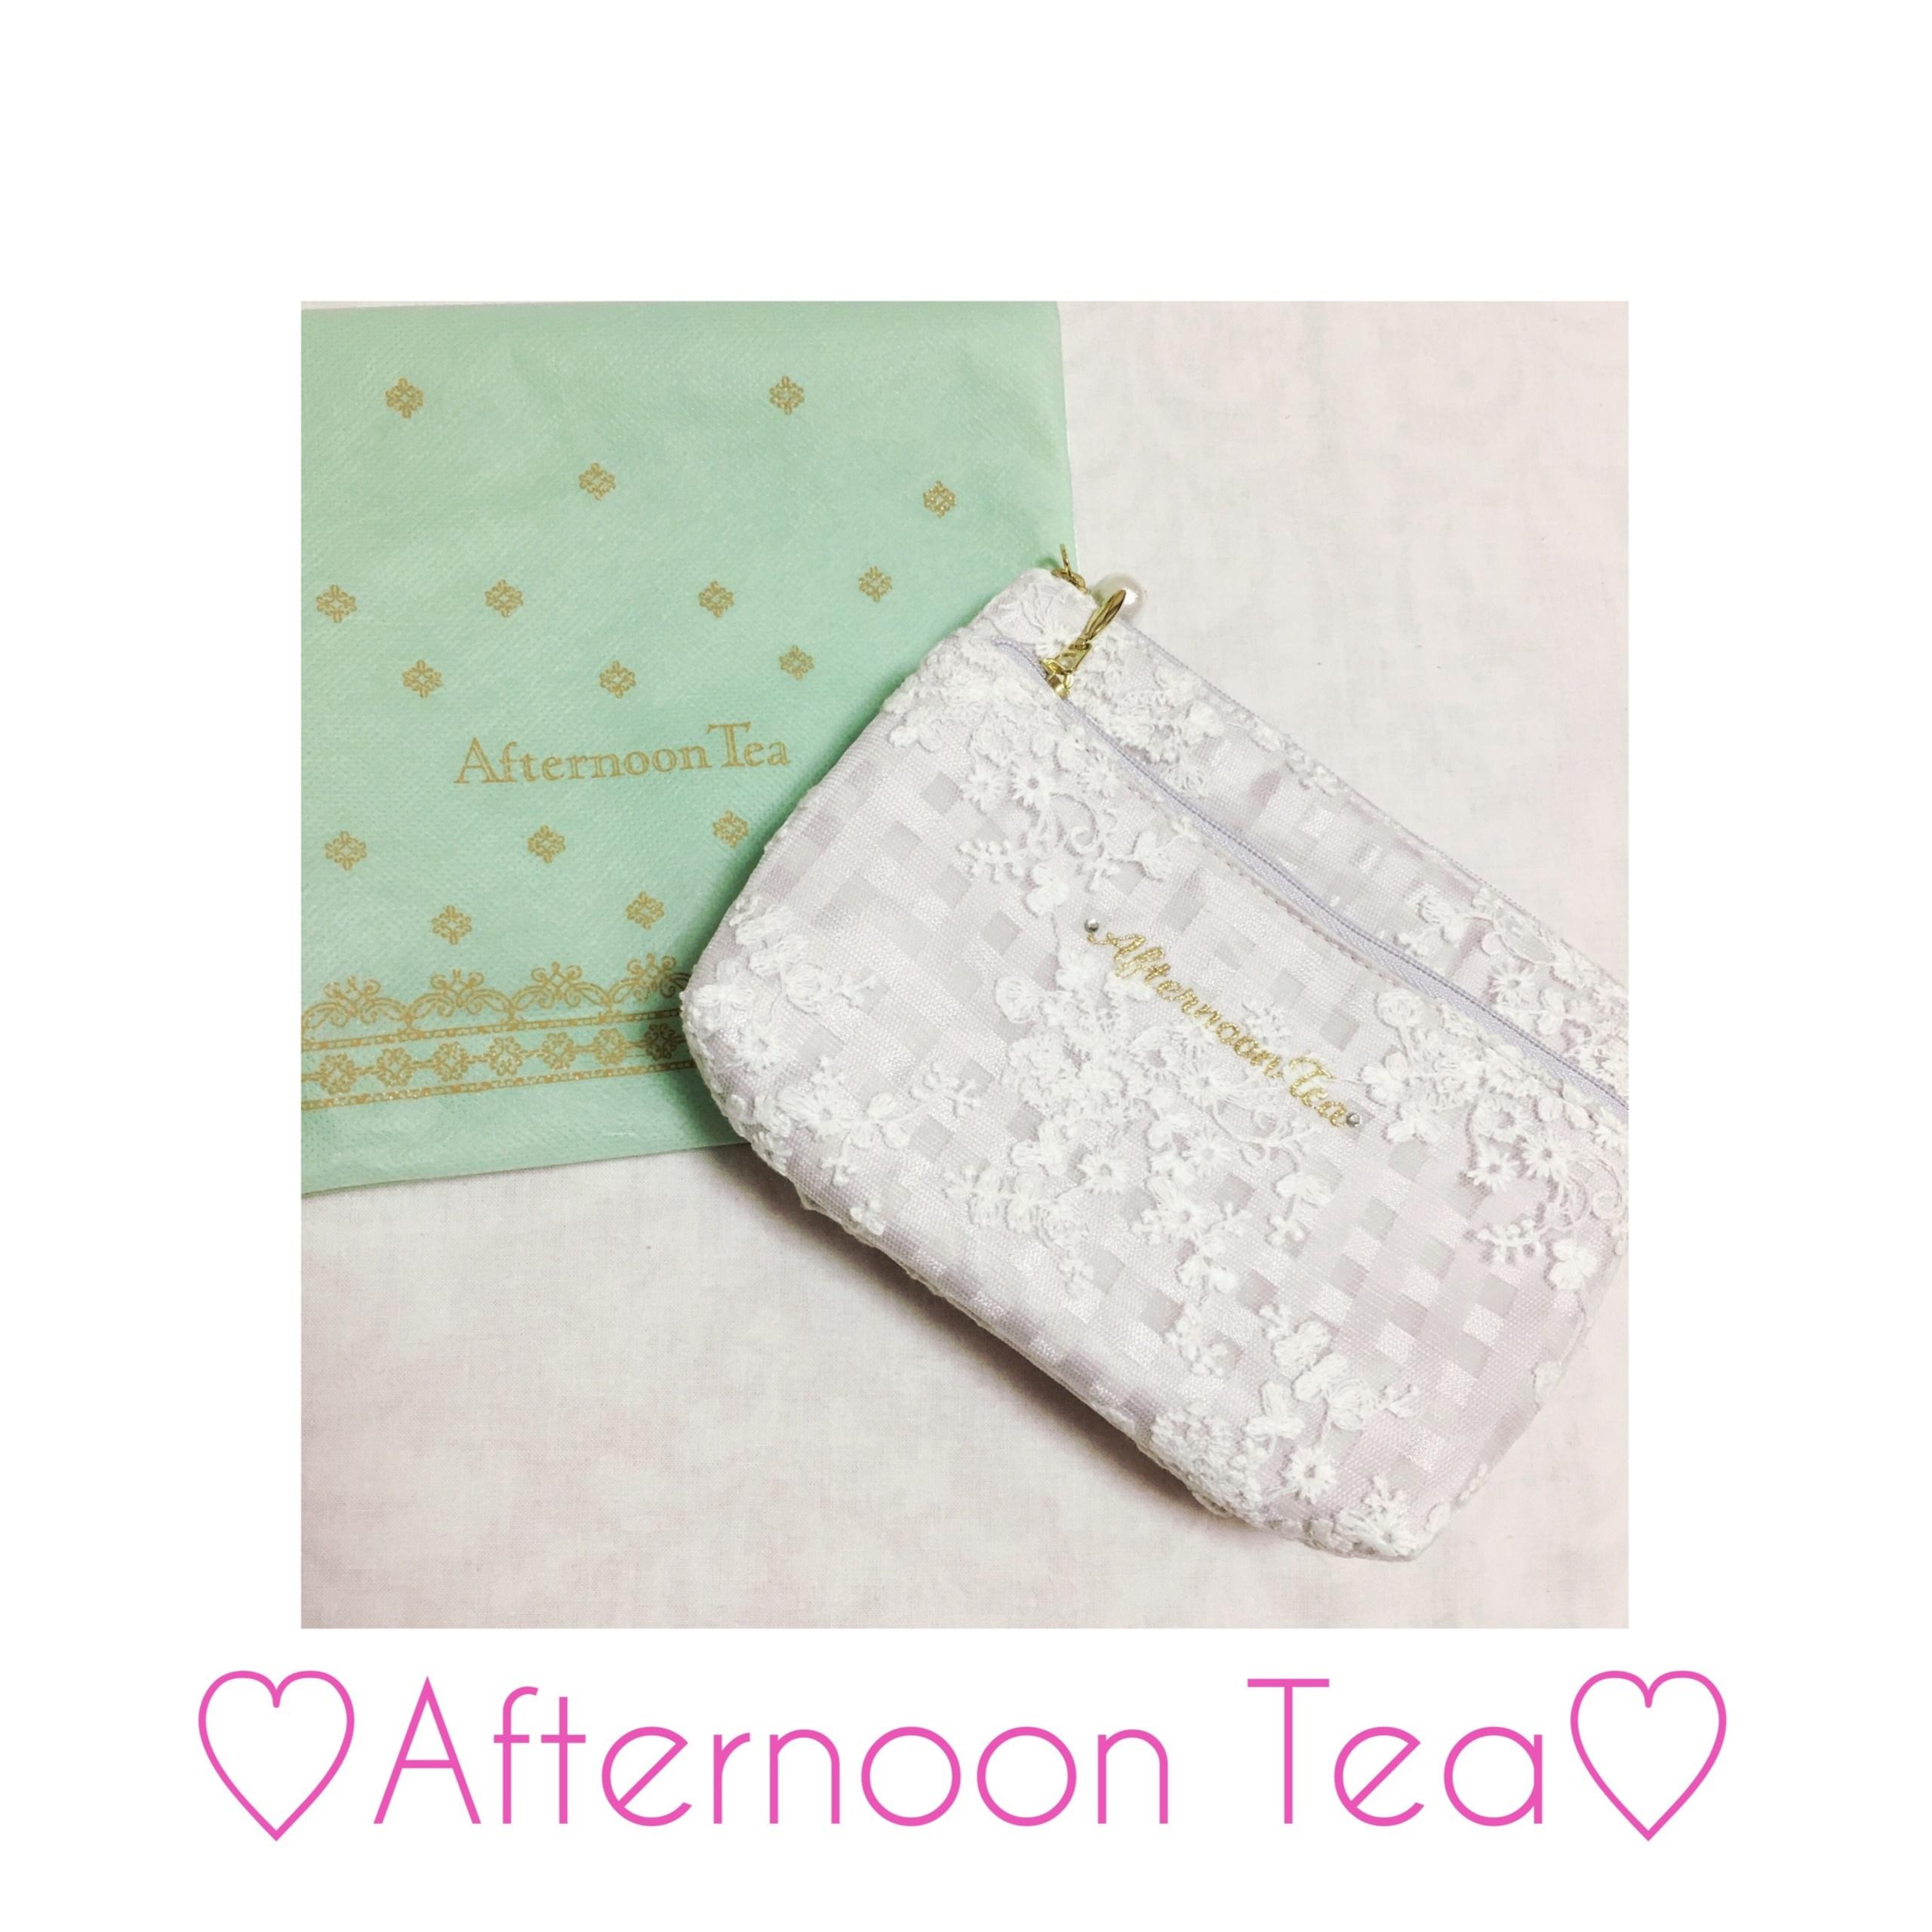 《ギフトにもおすすめ♡》【Afternoon Tea】使いやすくてコンパクト!私の最愛ポーチはコレ❤️_1